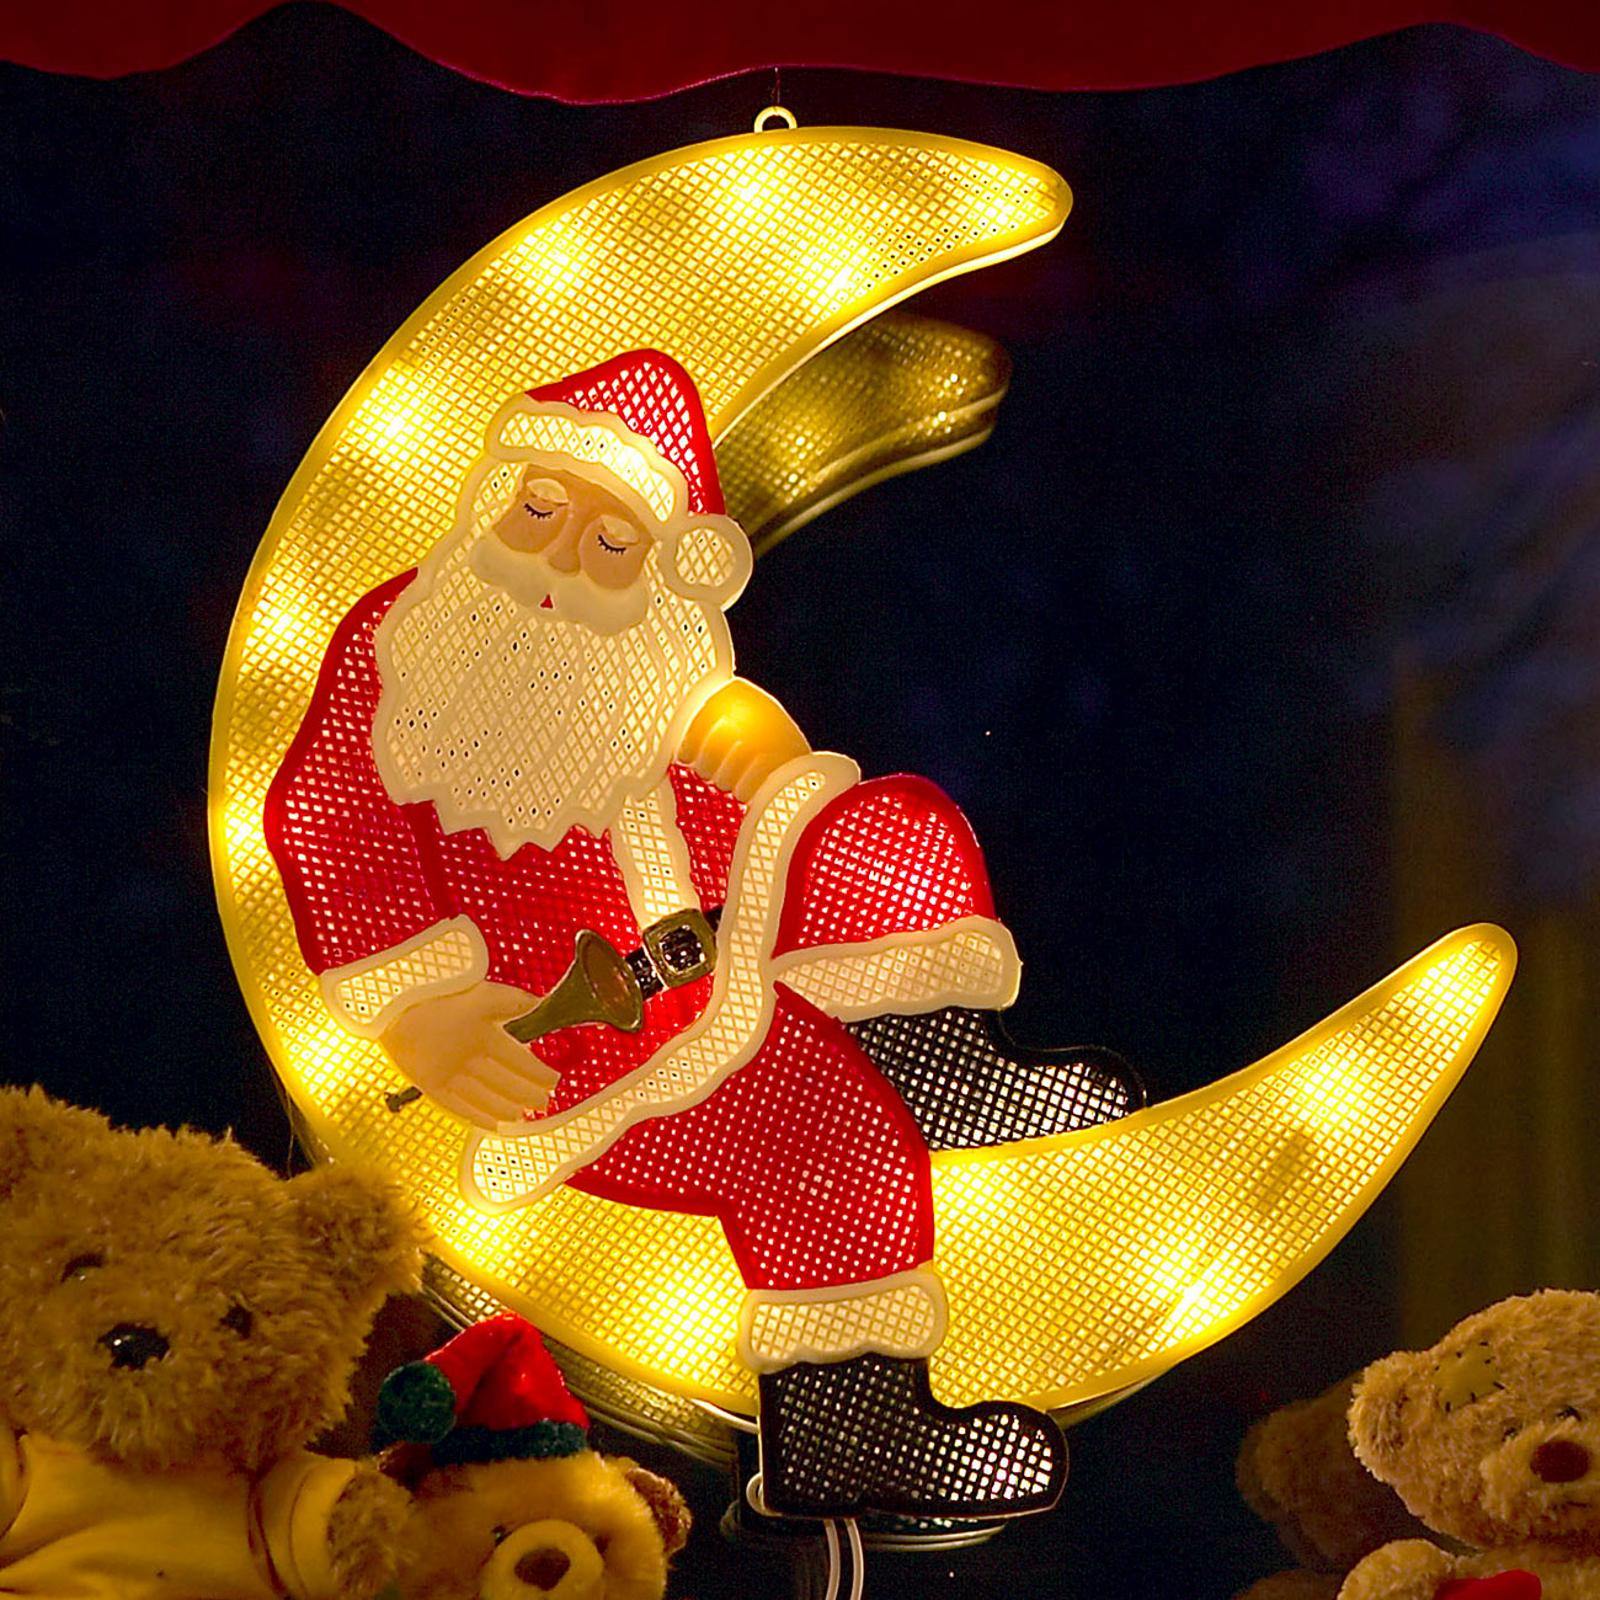 LED vinduesbillede Julemand på månen